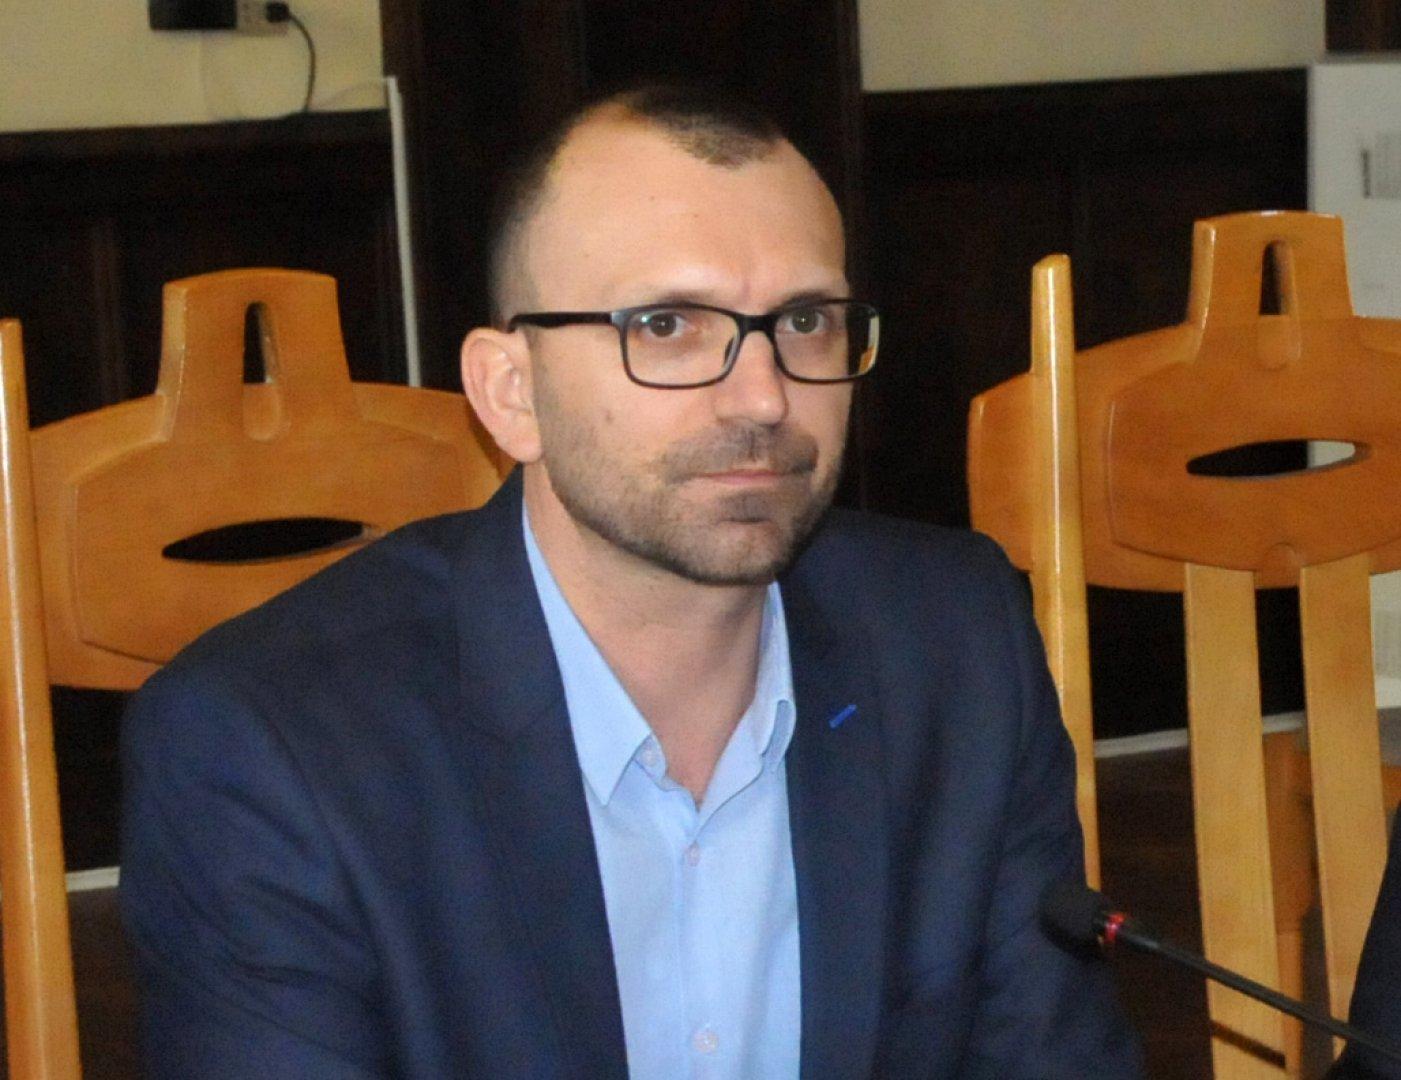 Вълчо Чолаков - областен управител на област Бургас. Снимка Лина Главинова